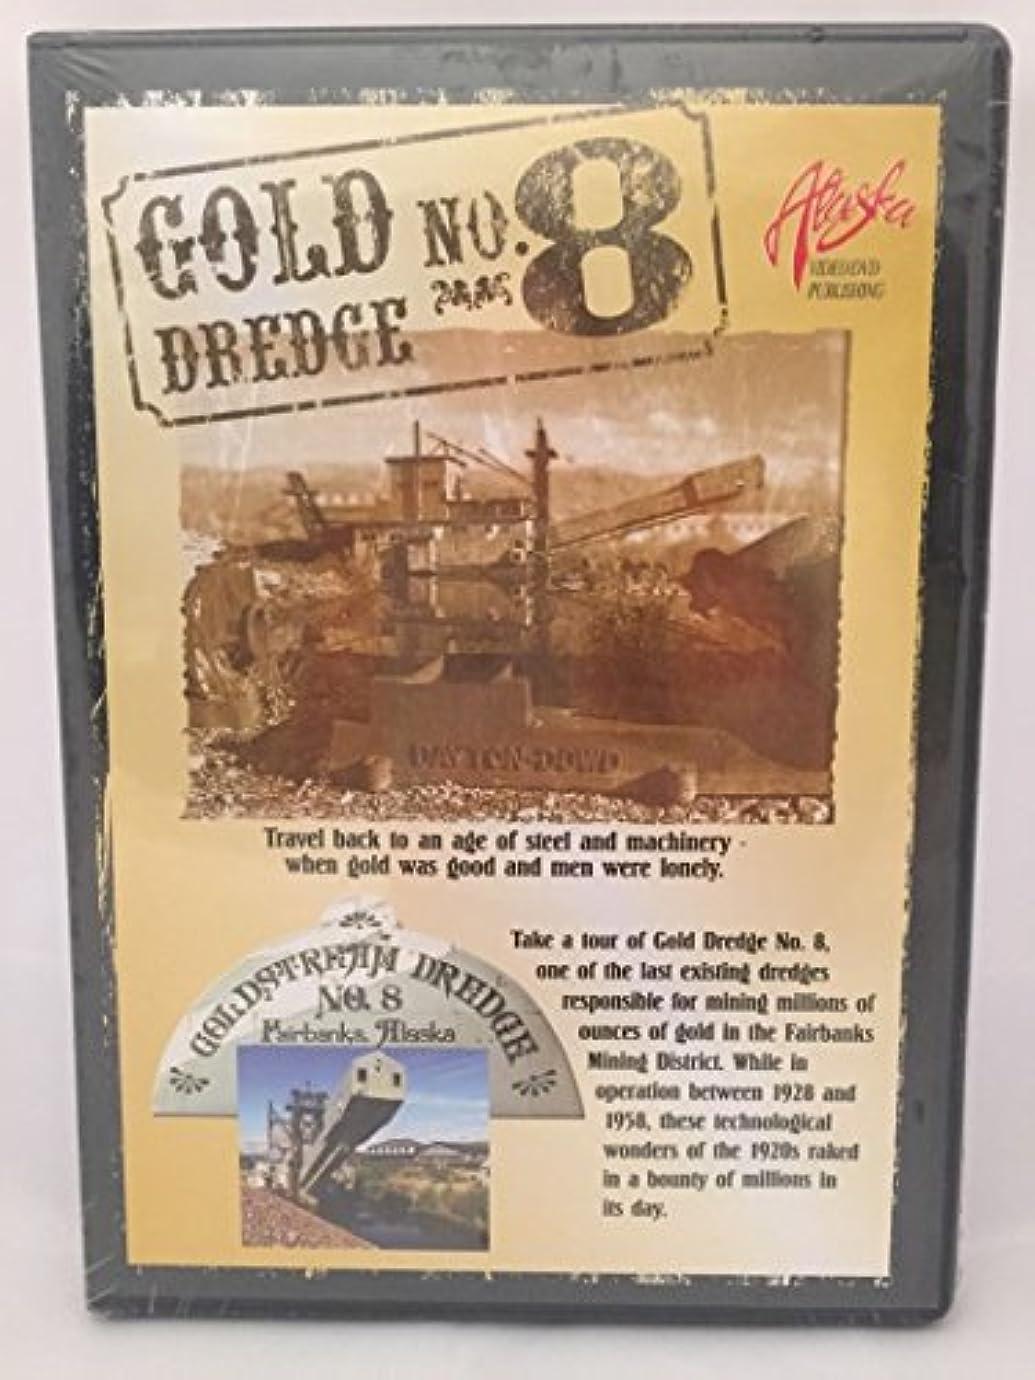 考慮リーズセーターGold Dredge No. 8